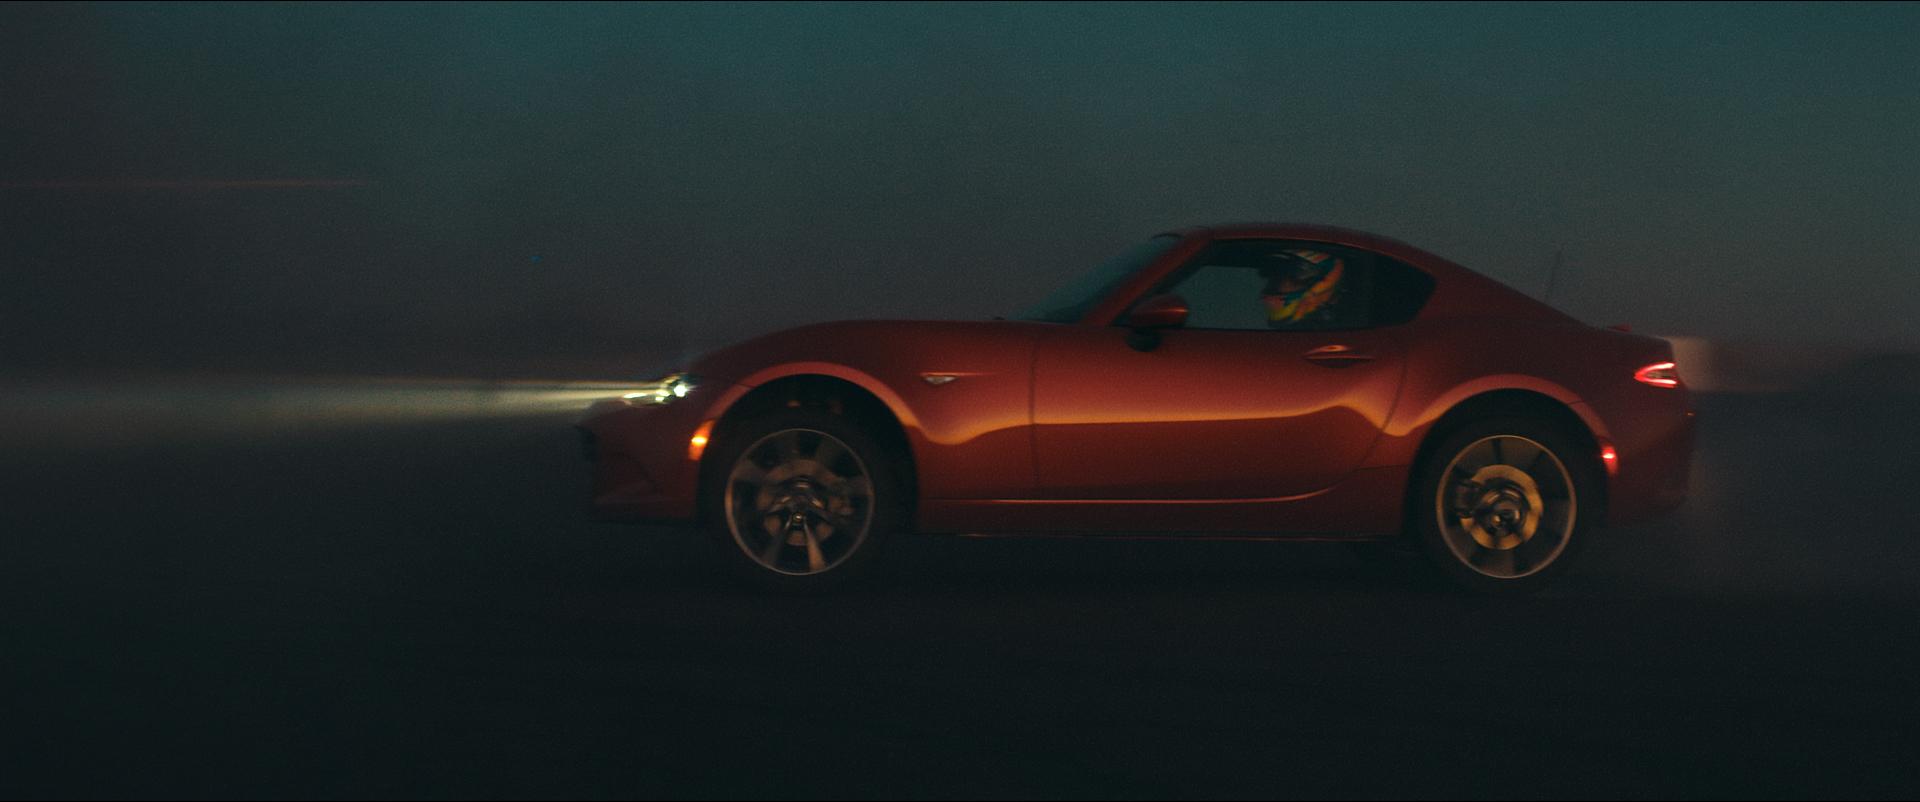 Mazda_Anthem_Web 32.jpg